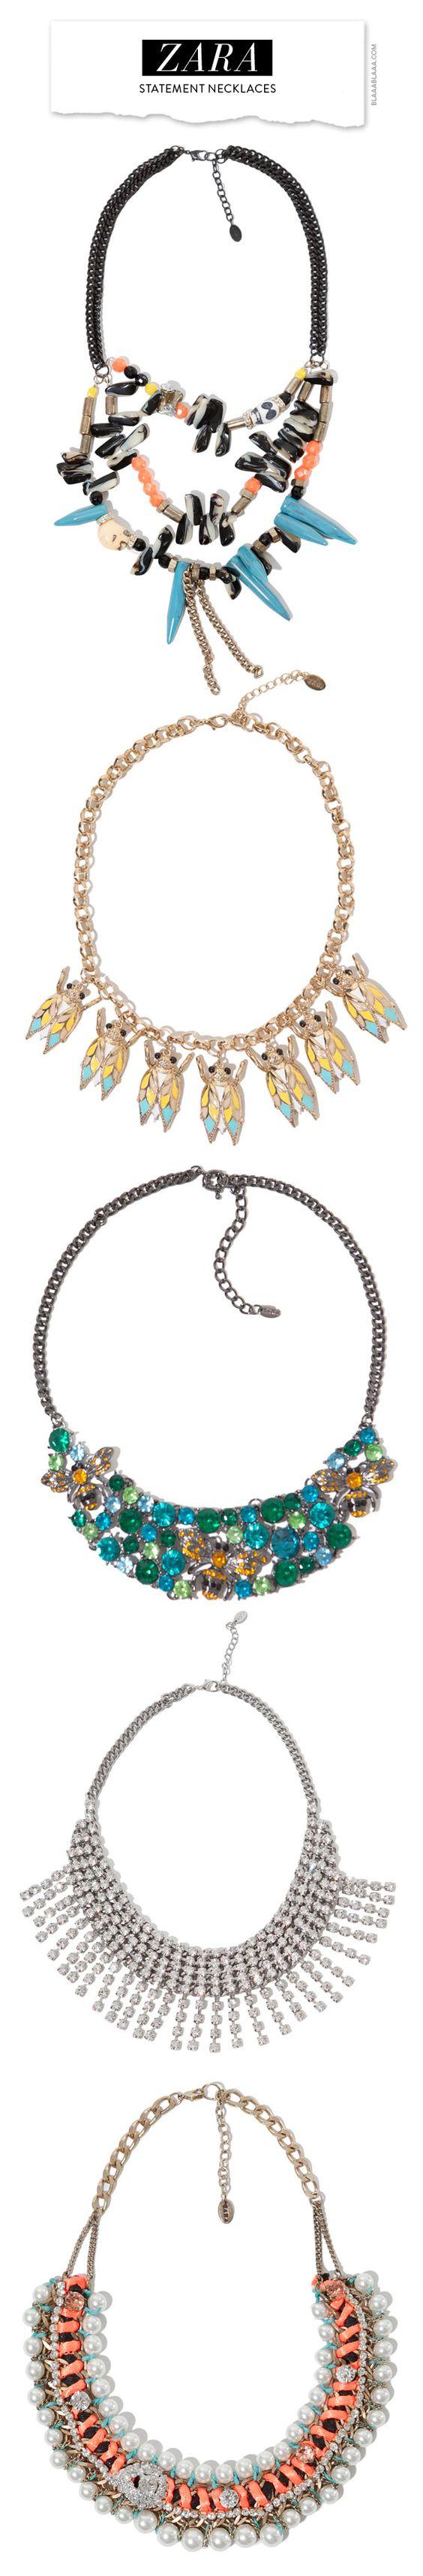 Zara Statement Necklaces